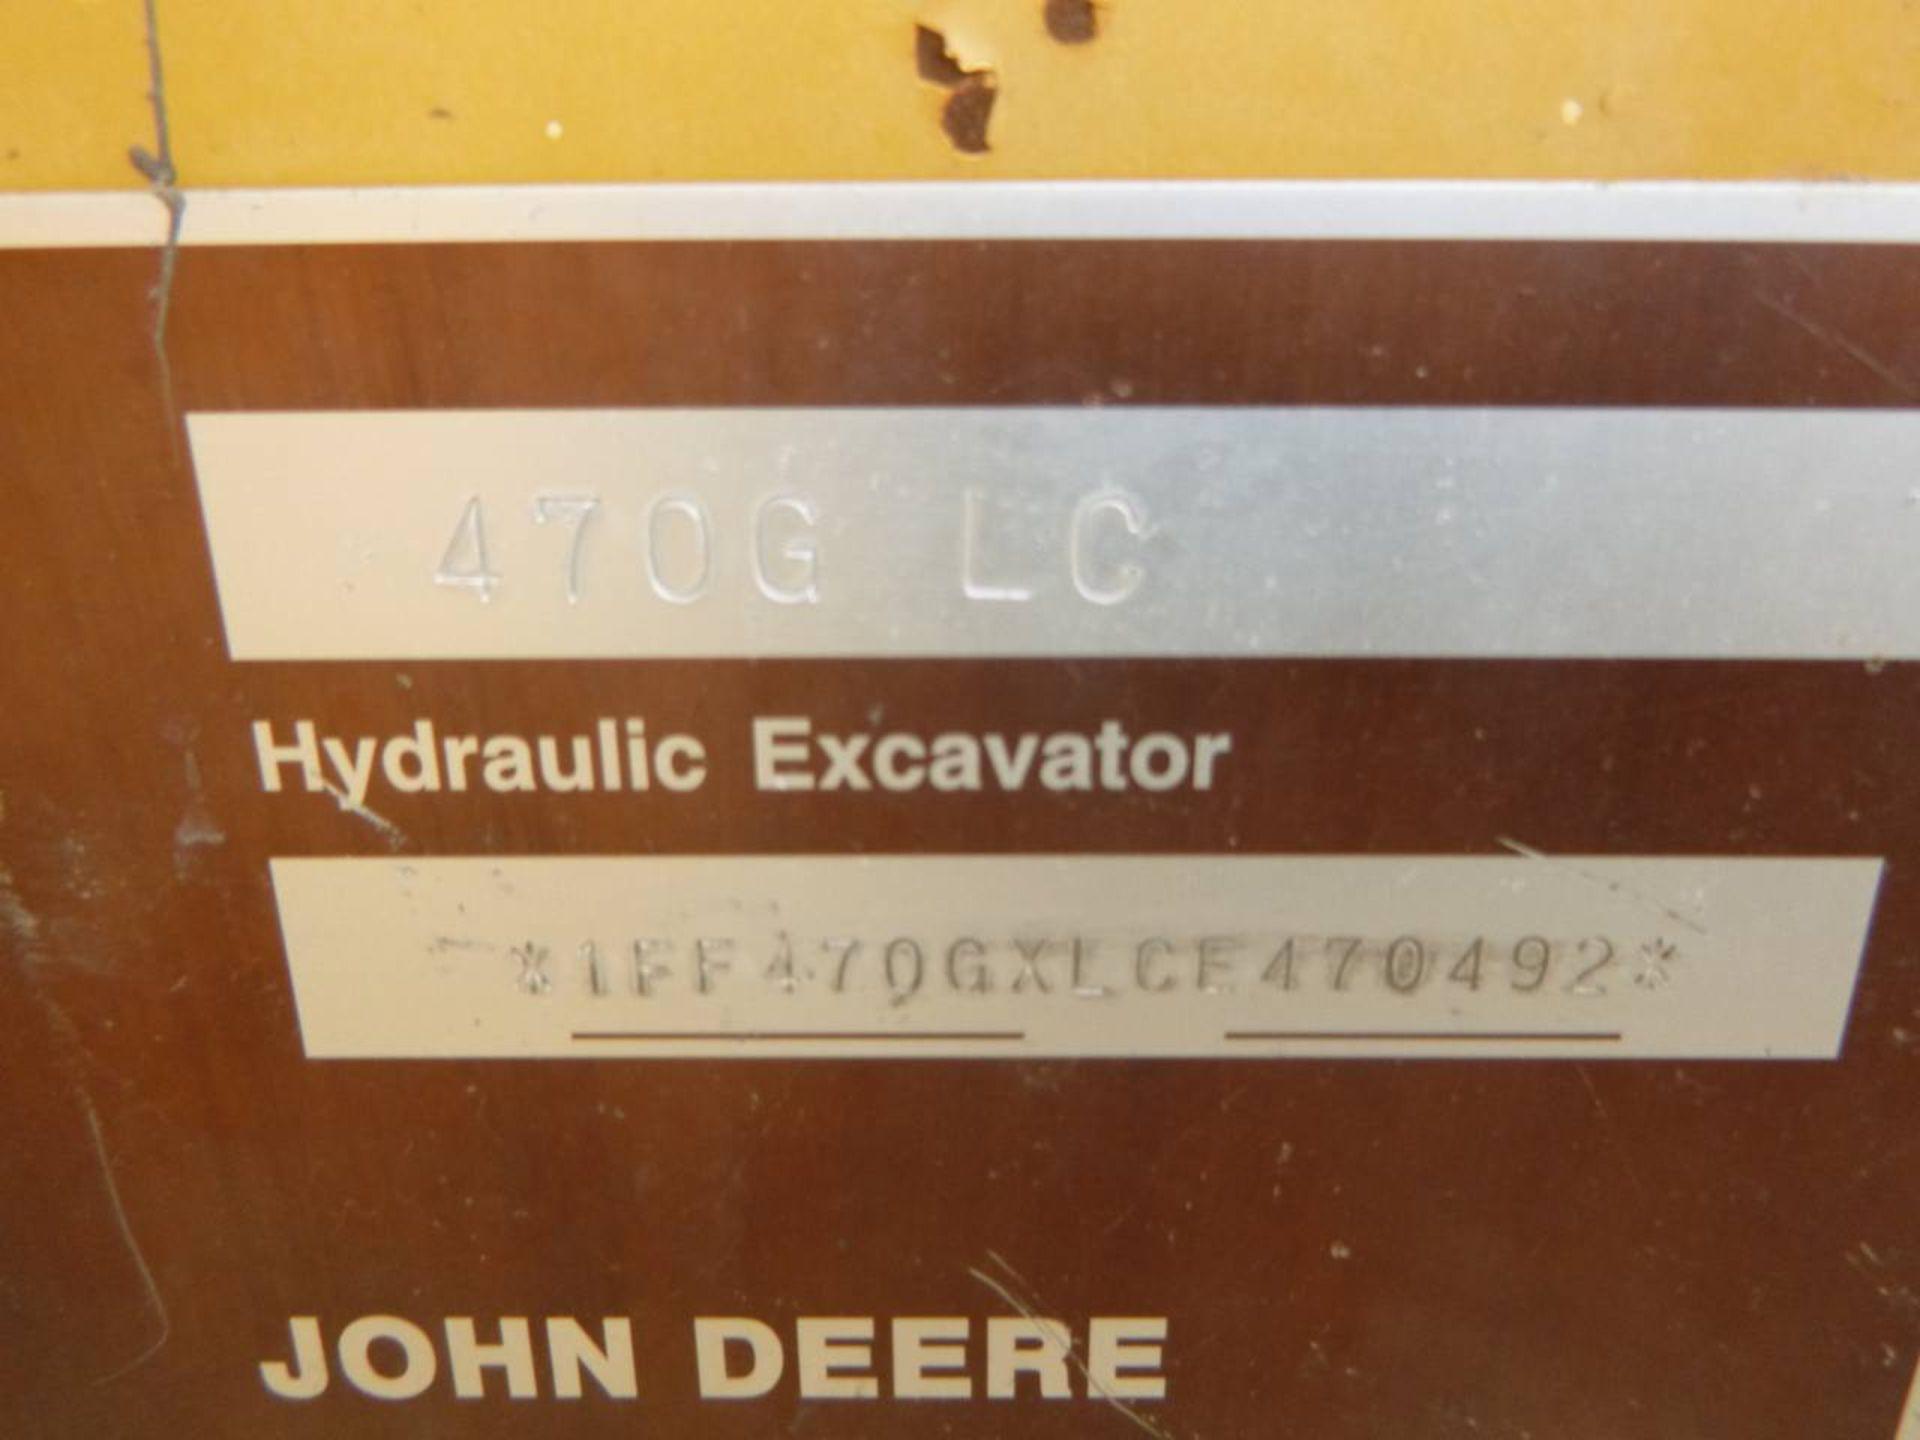 2014 John Deere 470G LC Excavator - Image 8 of 12